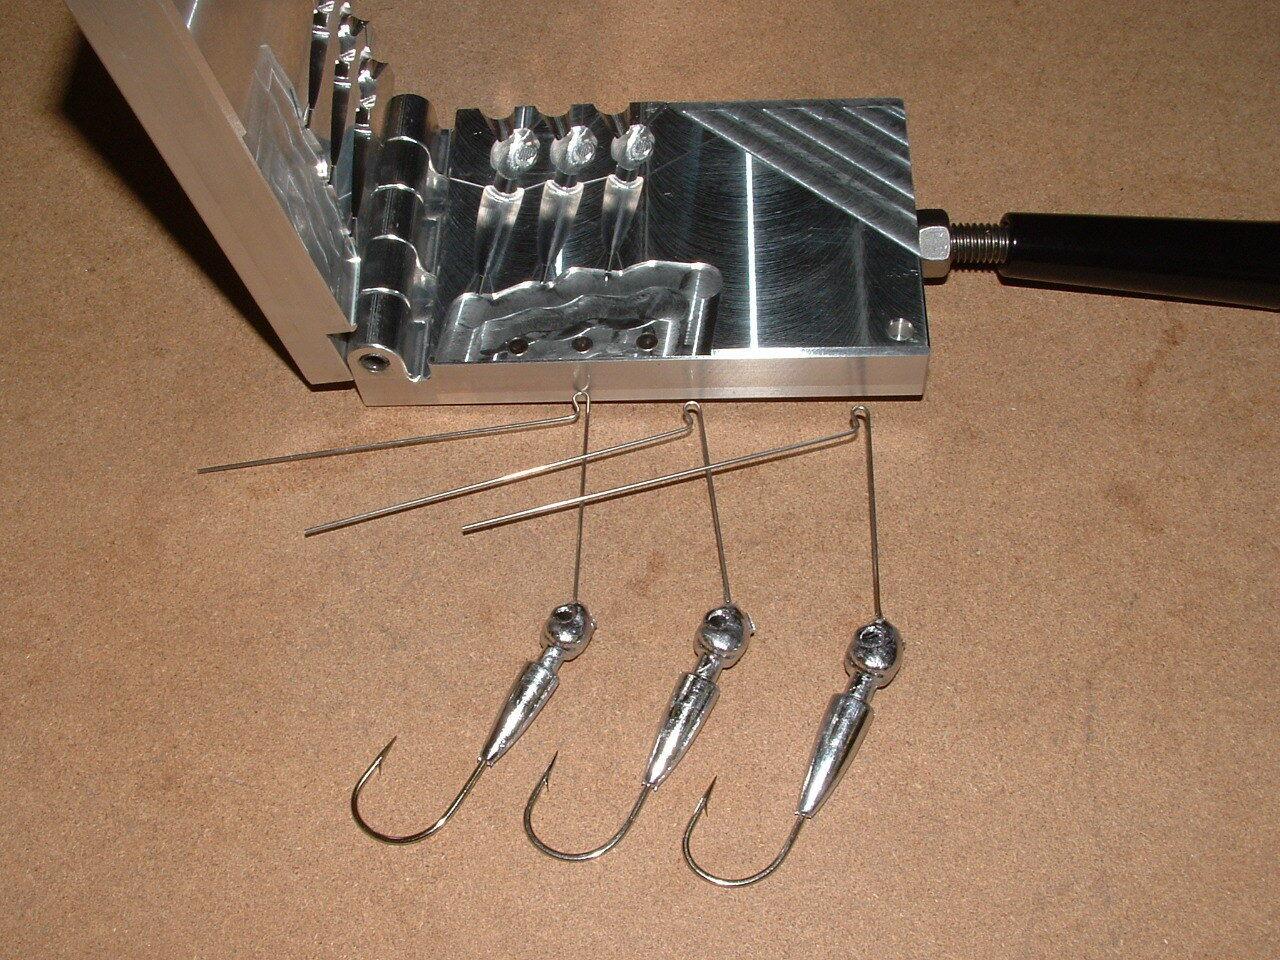 Freshwater Spinnerbait Hidden Weight -12  mold 1 2, 5 8, 3 4 oz CNC Aluminum